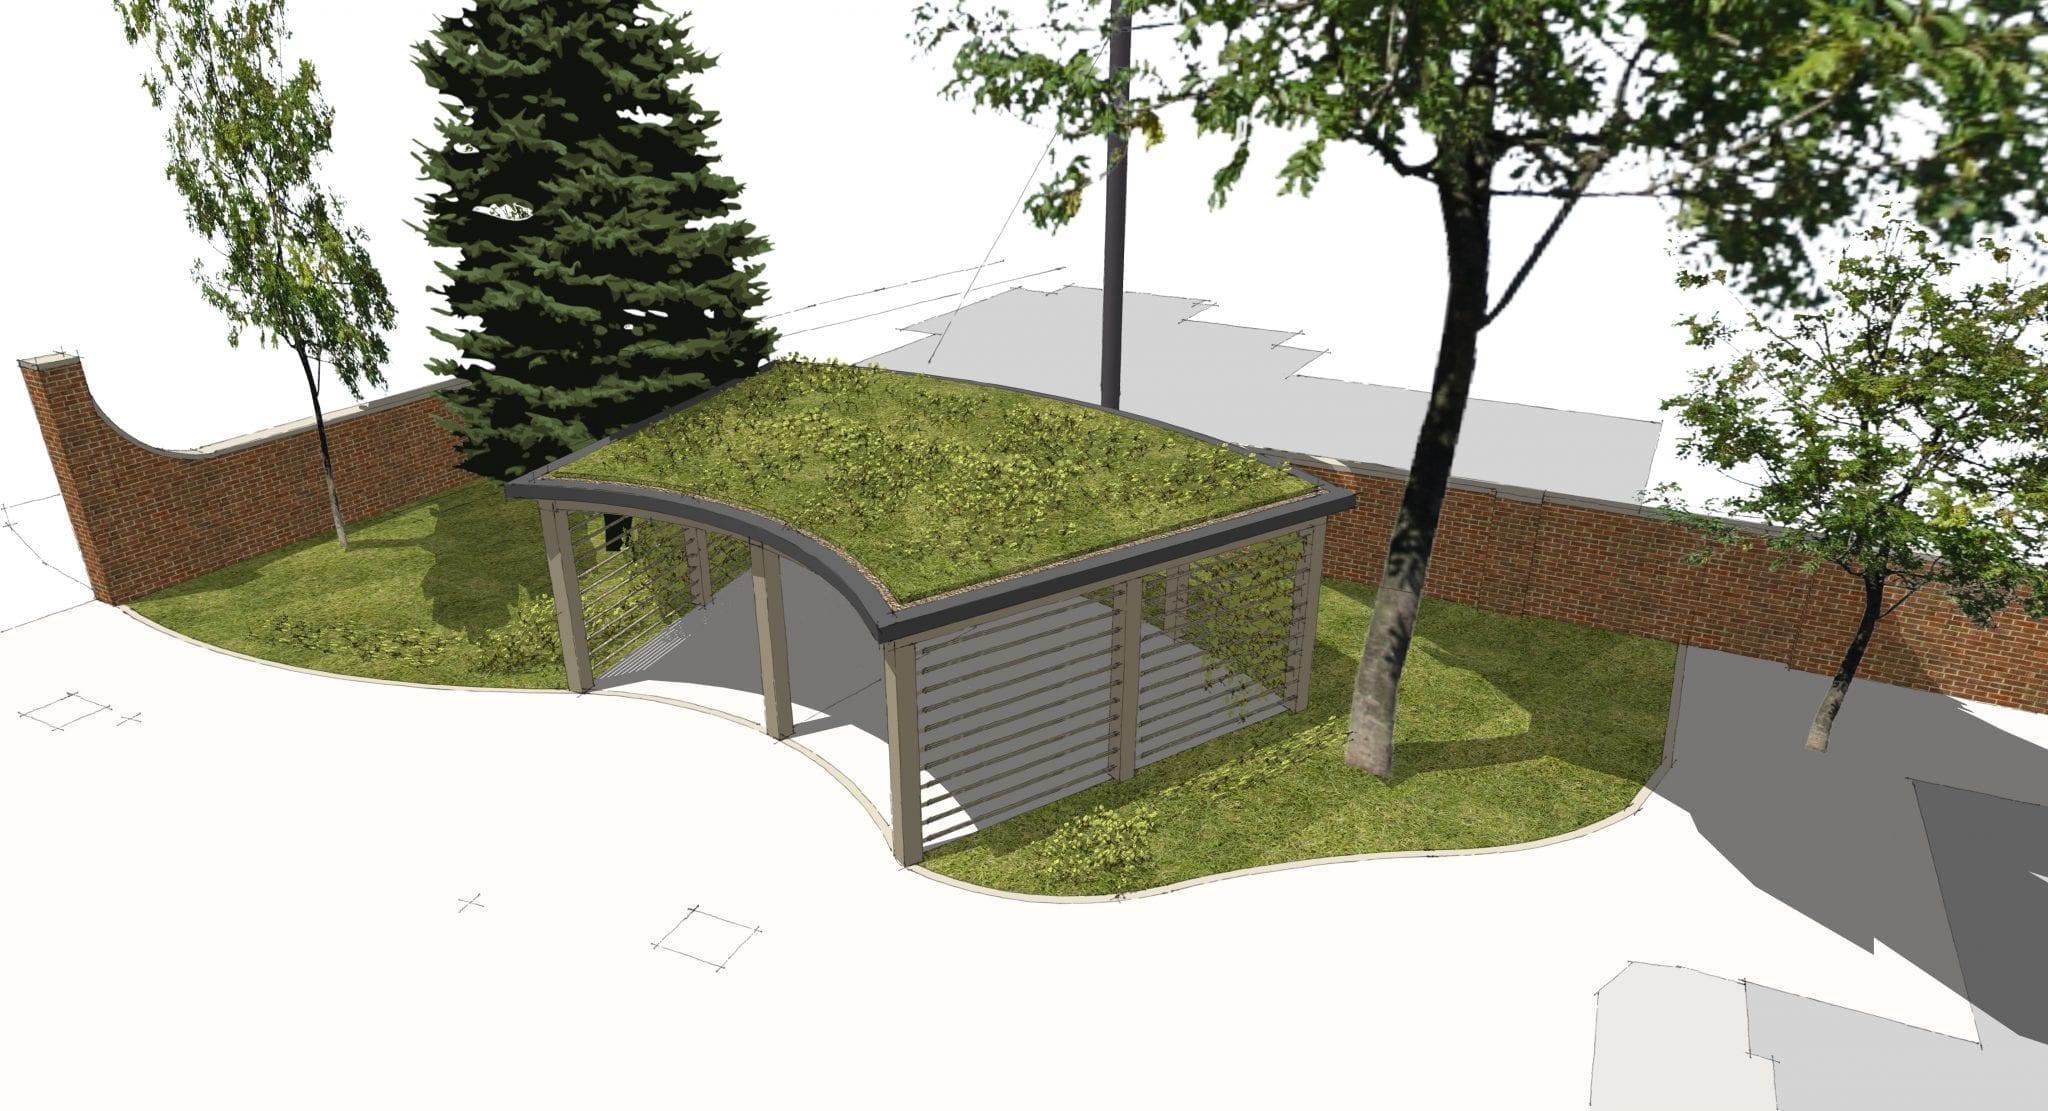 Sedum Roof Oak Framed car port to Listed Building secures planning…